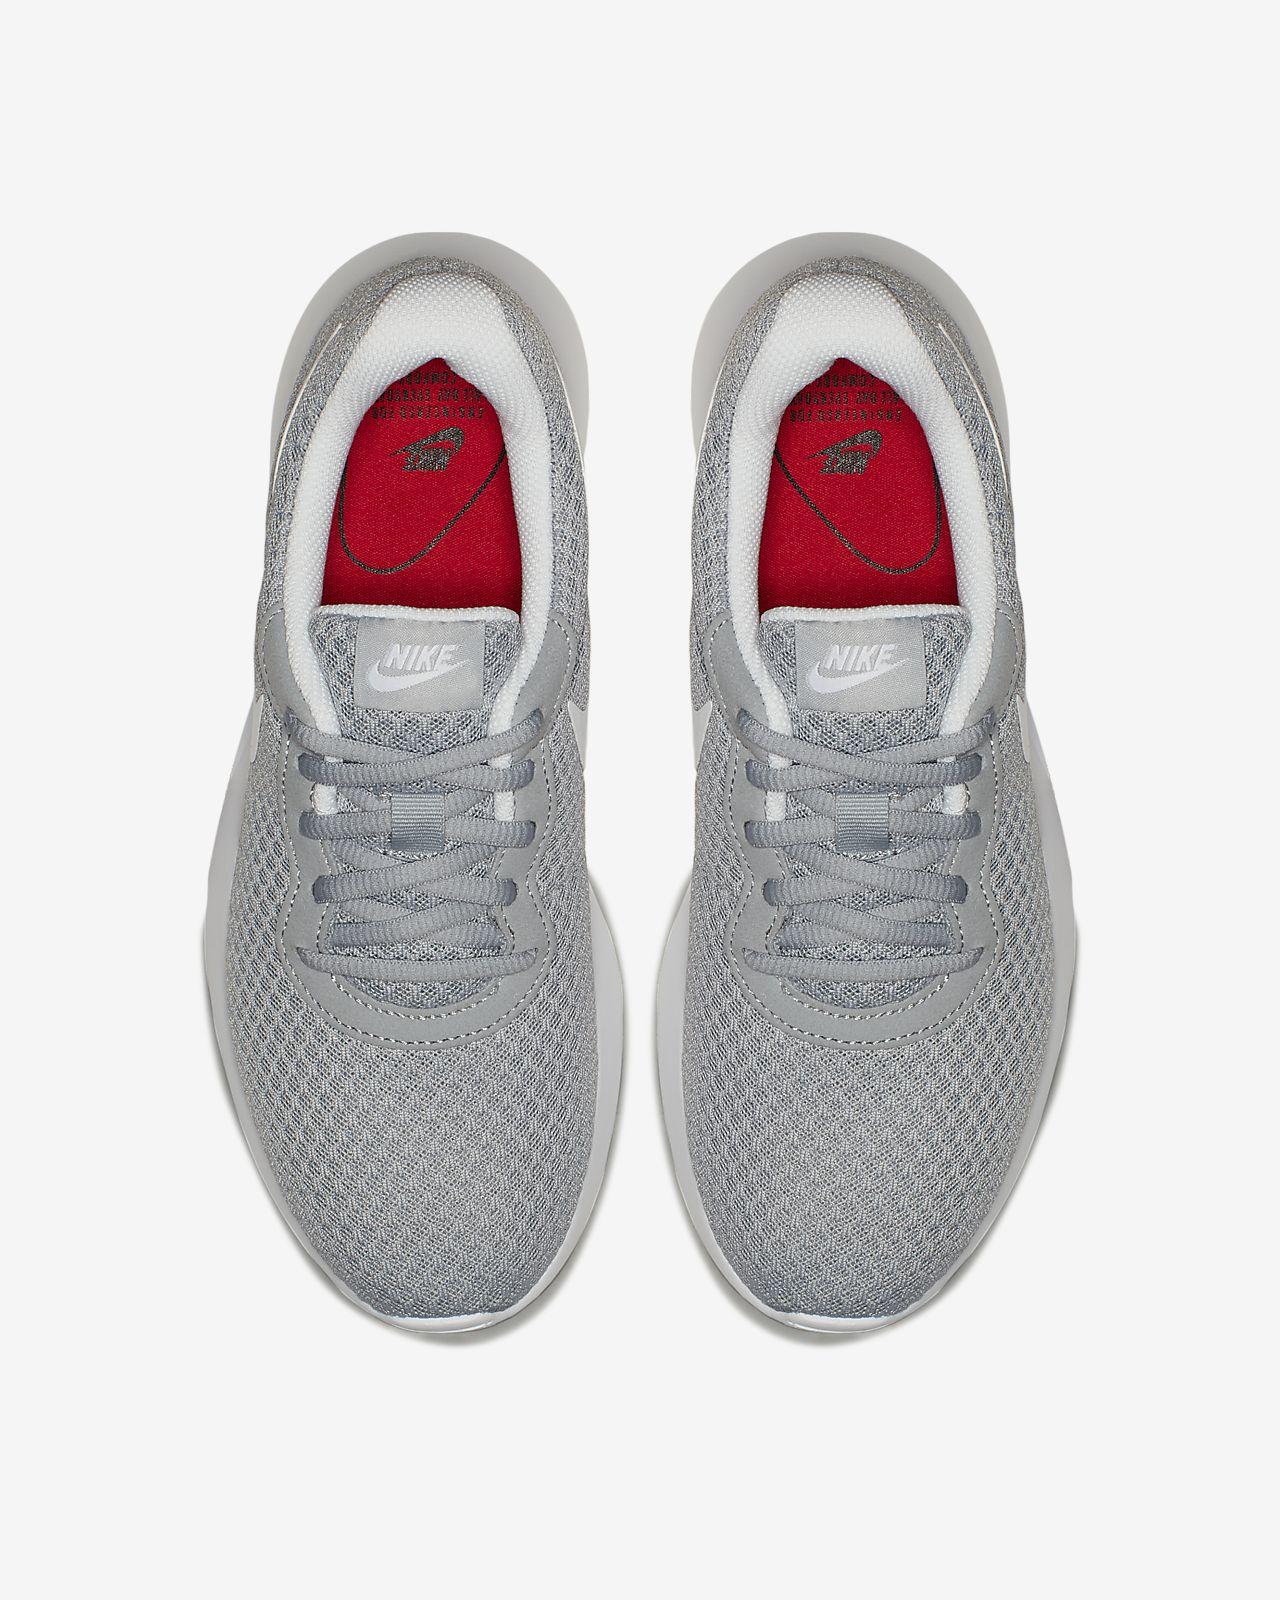 e20d3171a34 Low Resolution Nike Tanjun Women s Shoe Nike Tanjun Women s Shoe